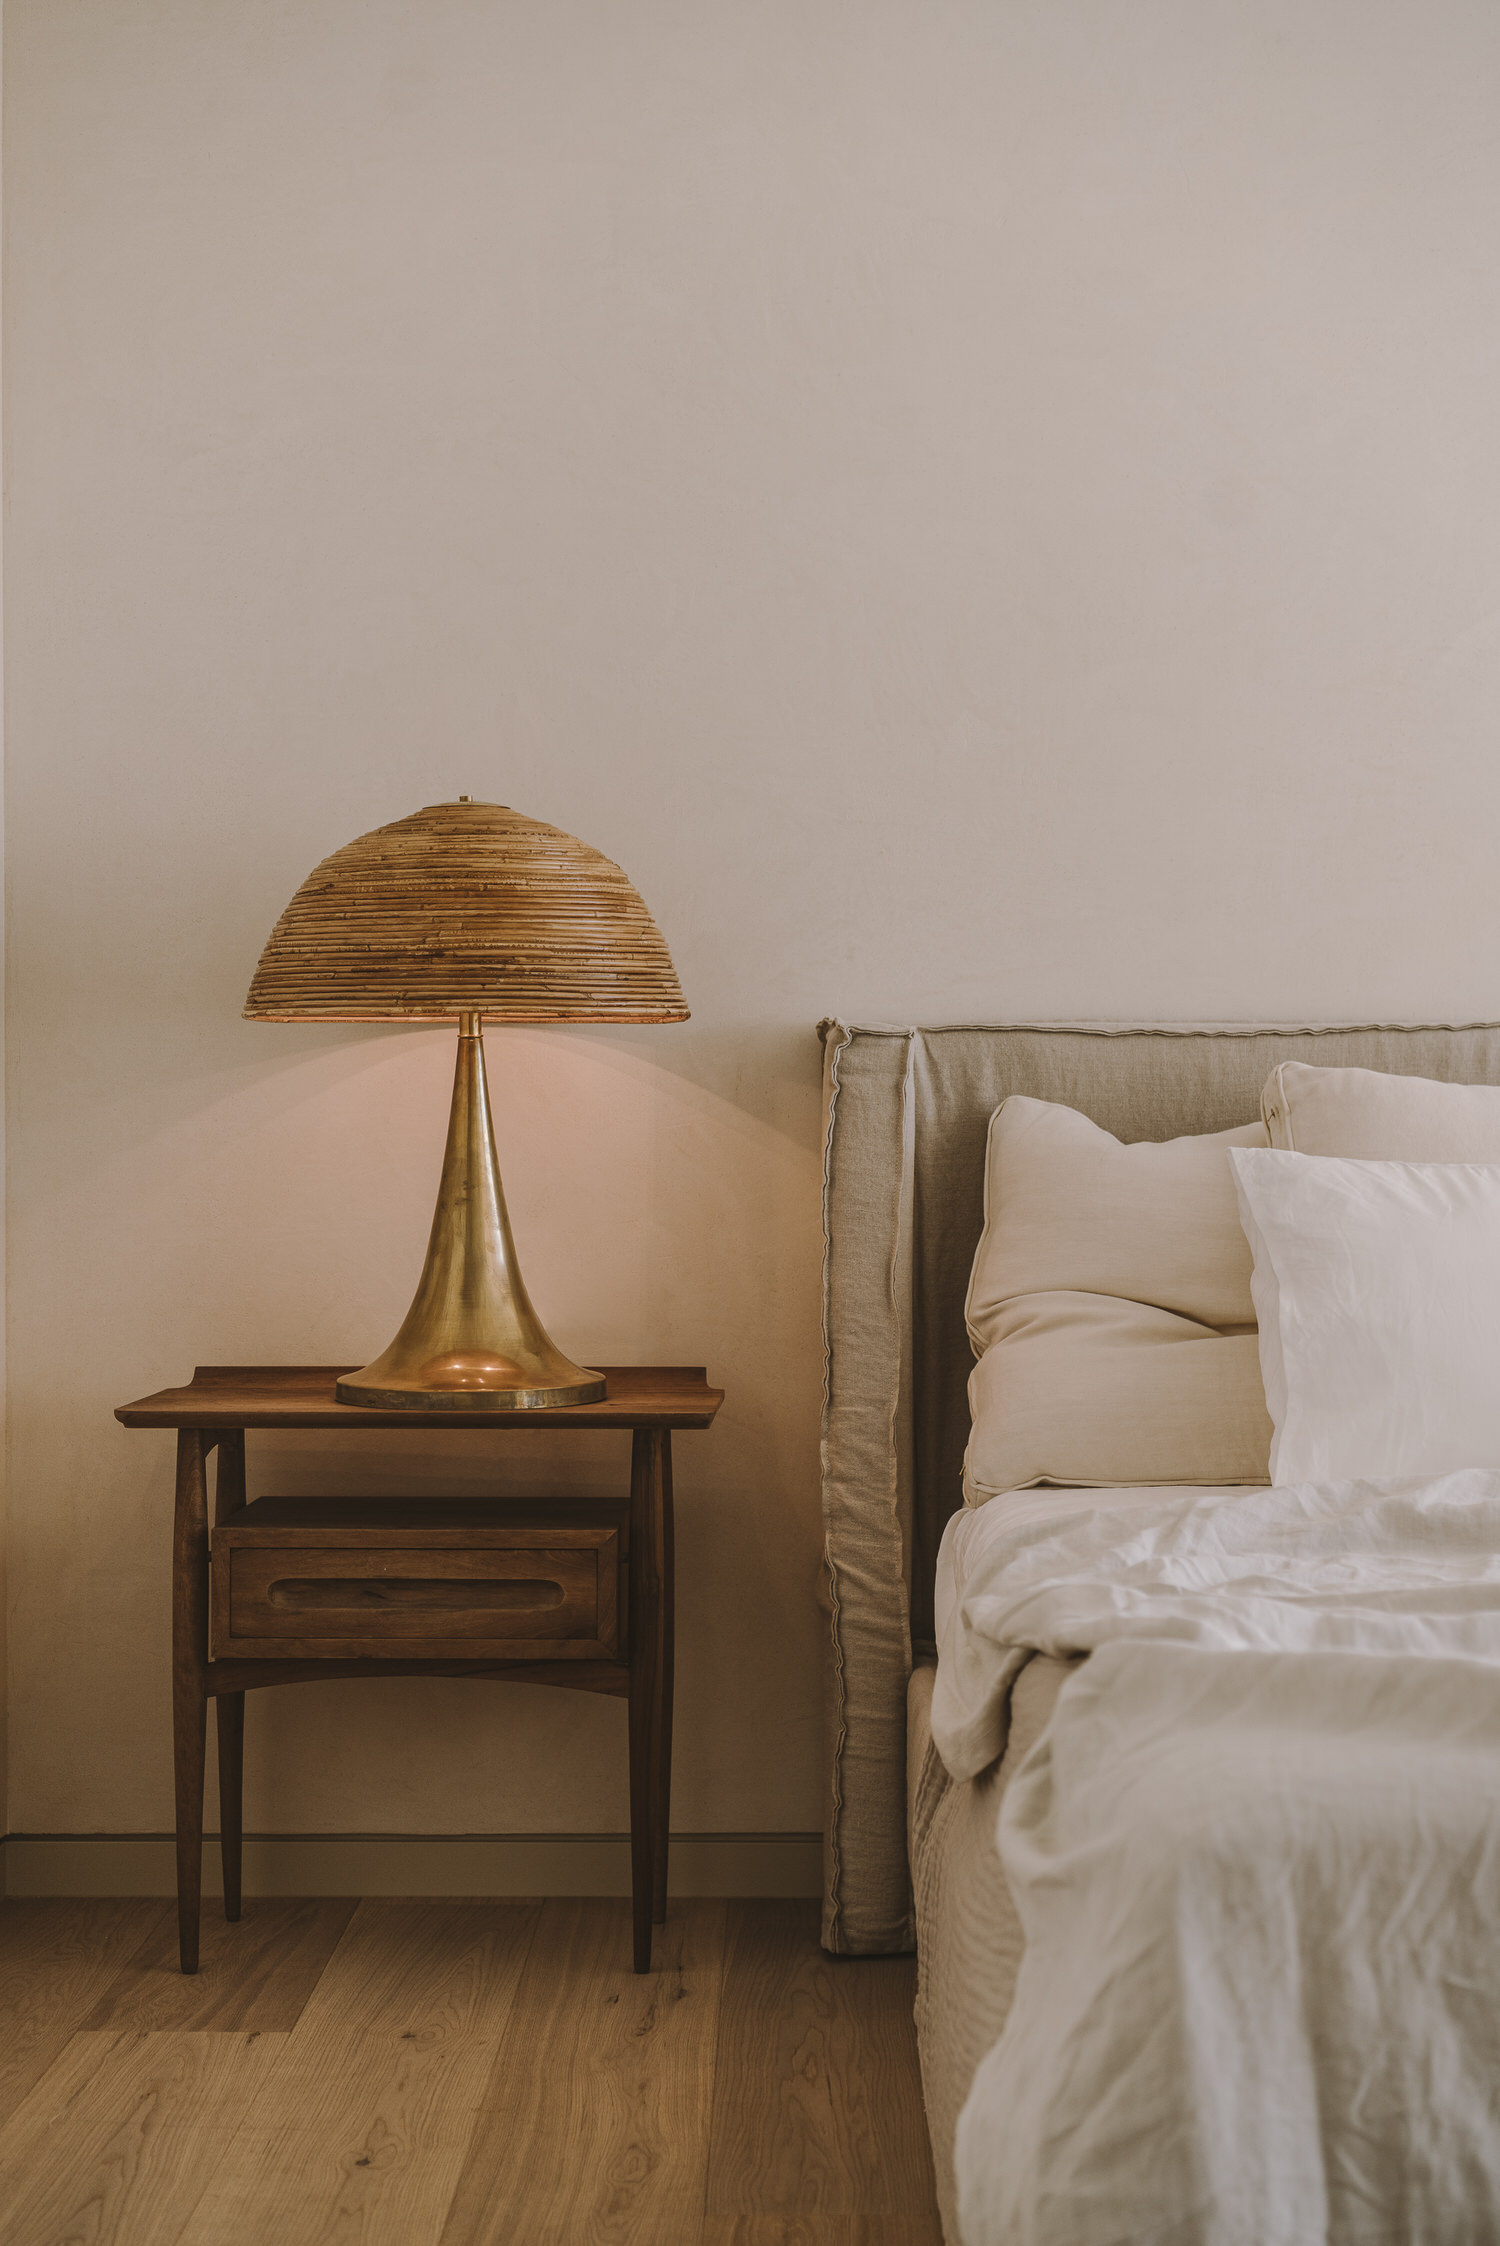 Paradowski Studio Pdm House Majorca Photo Pion Studio Yellowtrace 15